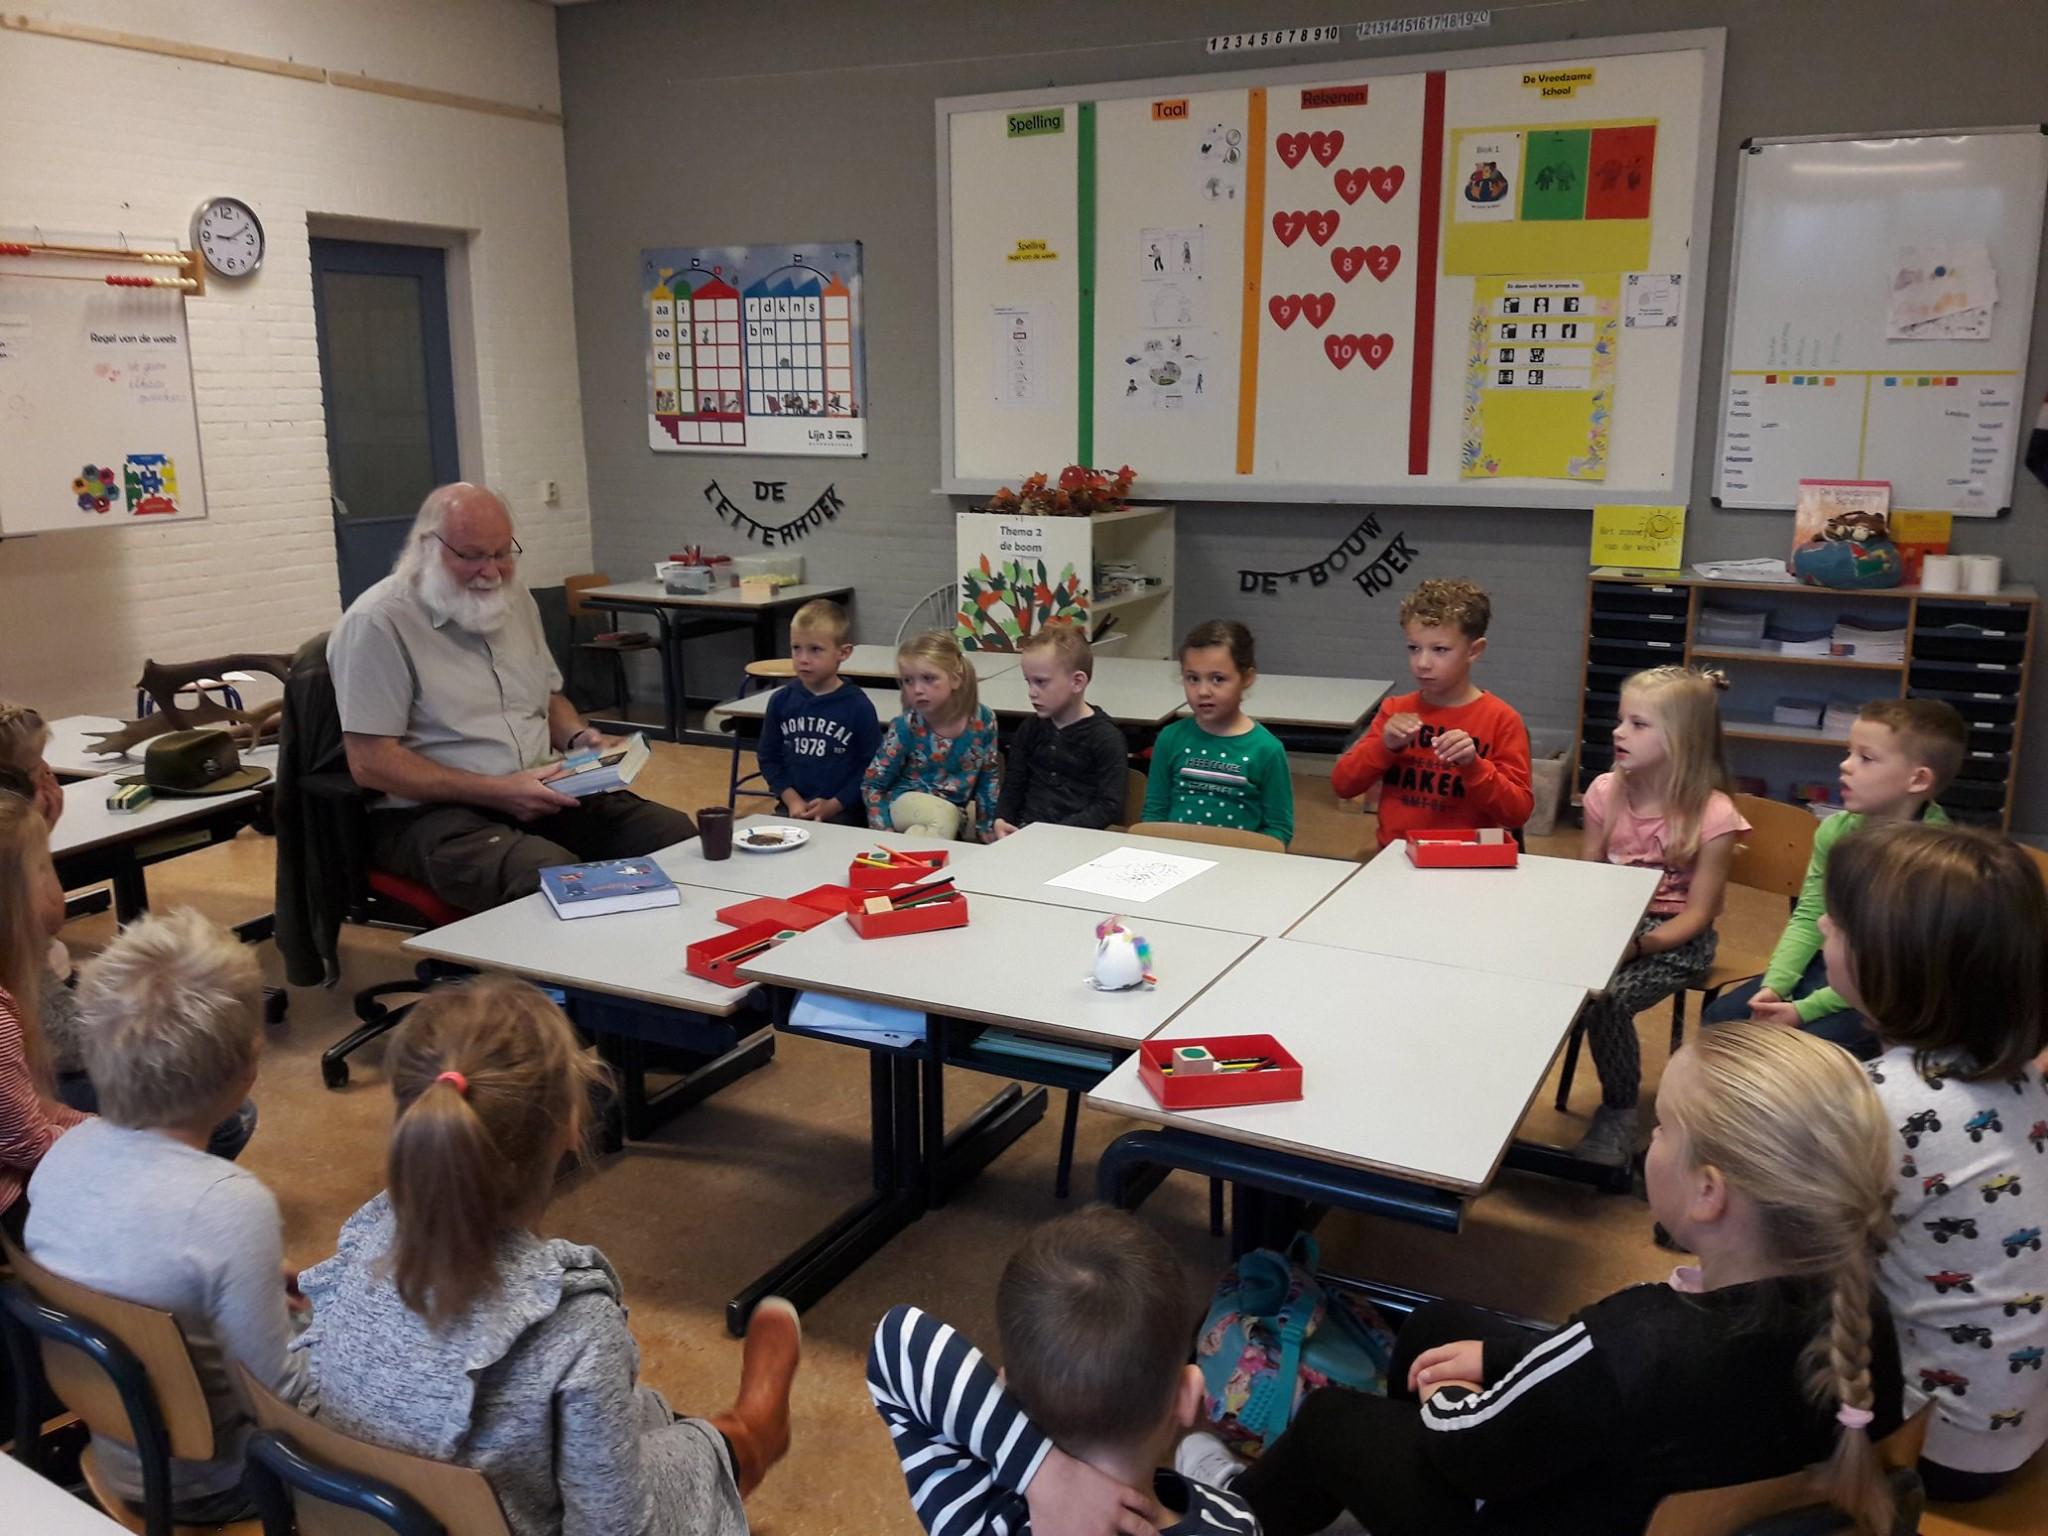 Opa Louis vertelt over de natuur voor de schoolklas van kleinzoon James - Foto: Juf Harriët